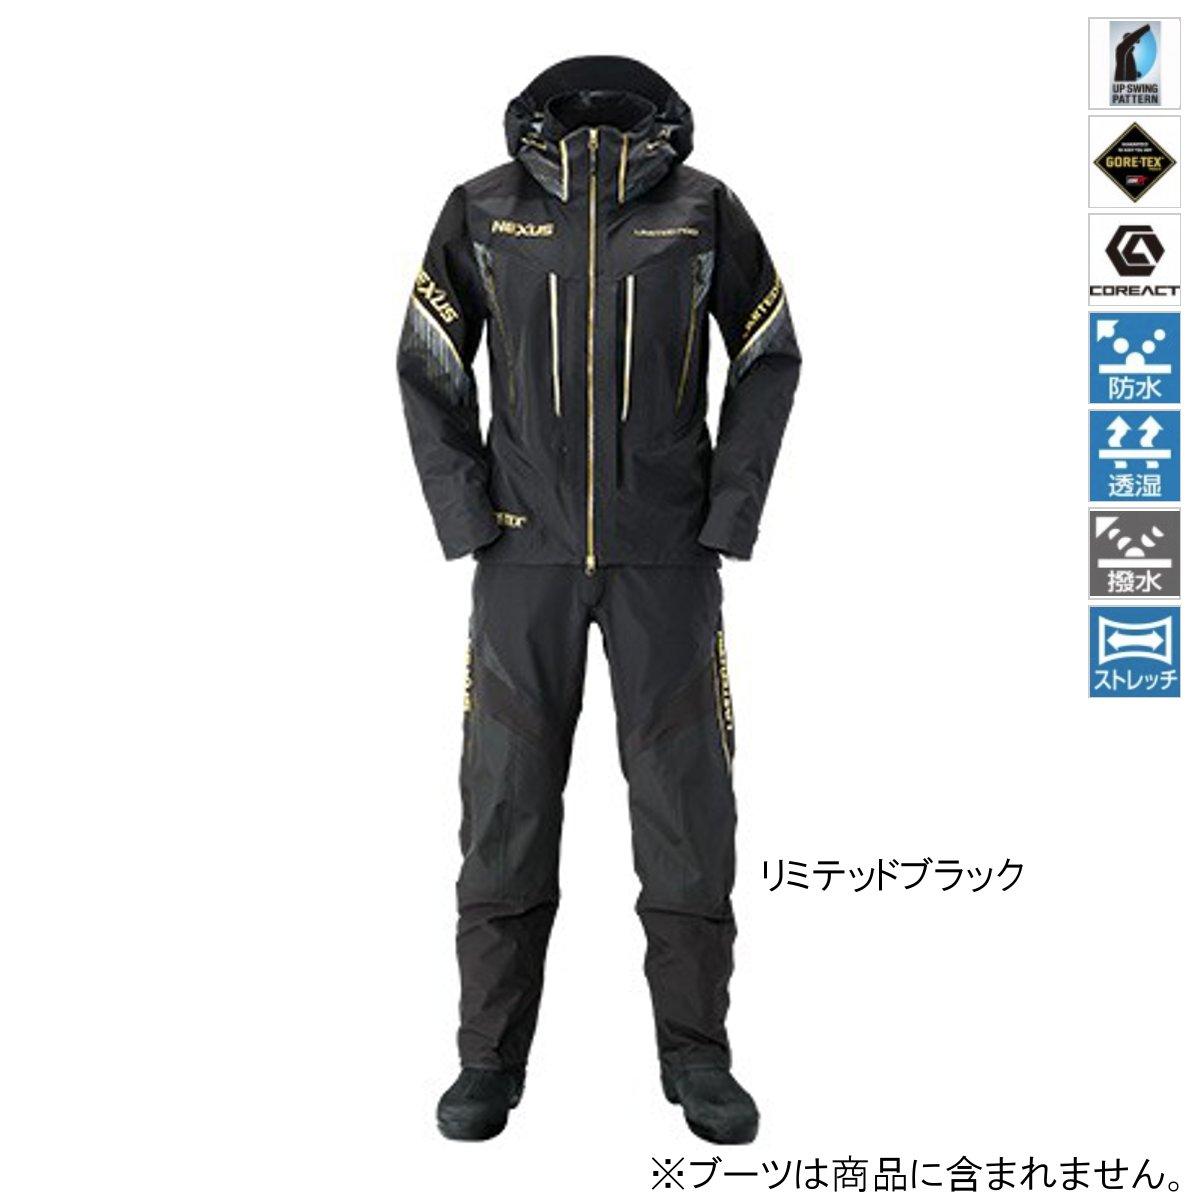 シマノ NEXUS・GORE-TEX レインスーツ LIMITED PRO RA-112S 2XL リミテッドブラック【送料無料】